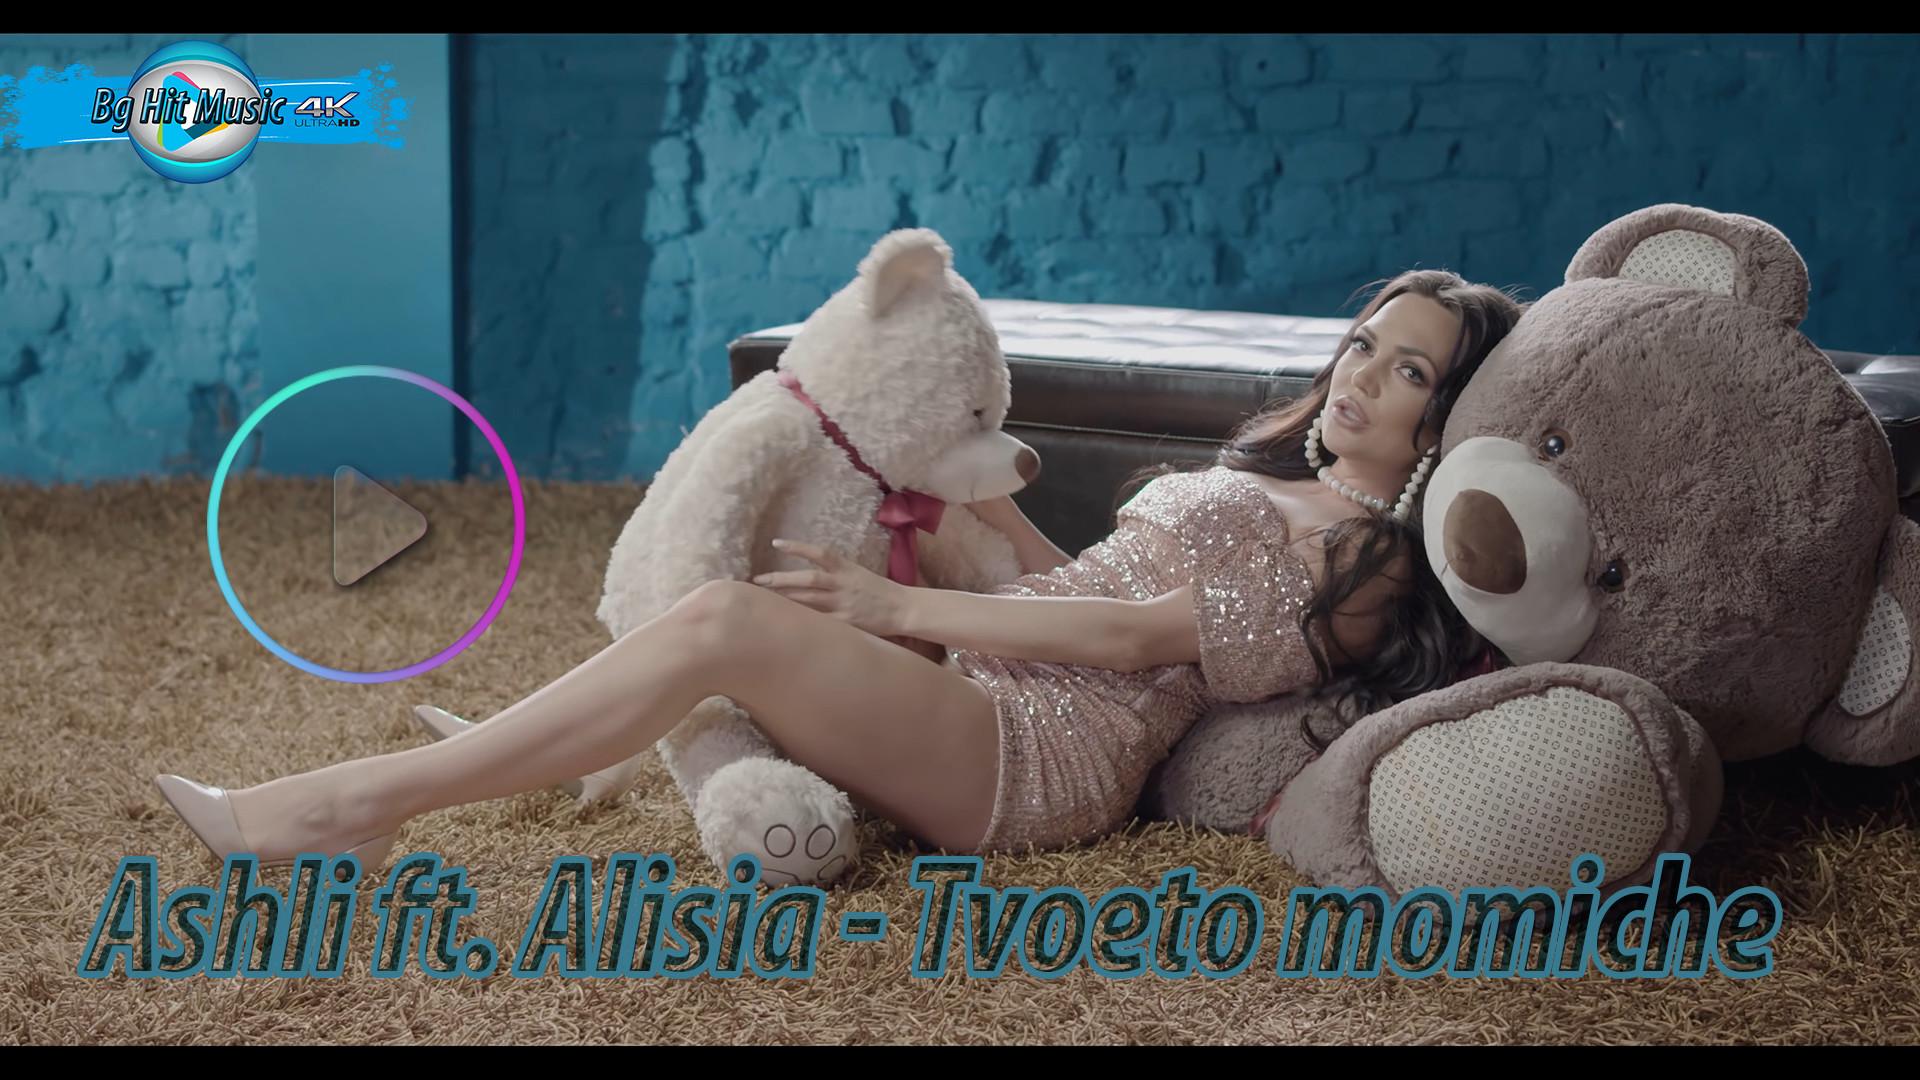 Ashli ft. Alisia - Tvoeto momiche / Ашли ft. Алисия - Твоето момиче (Ultra HD 4K - 2020)